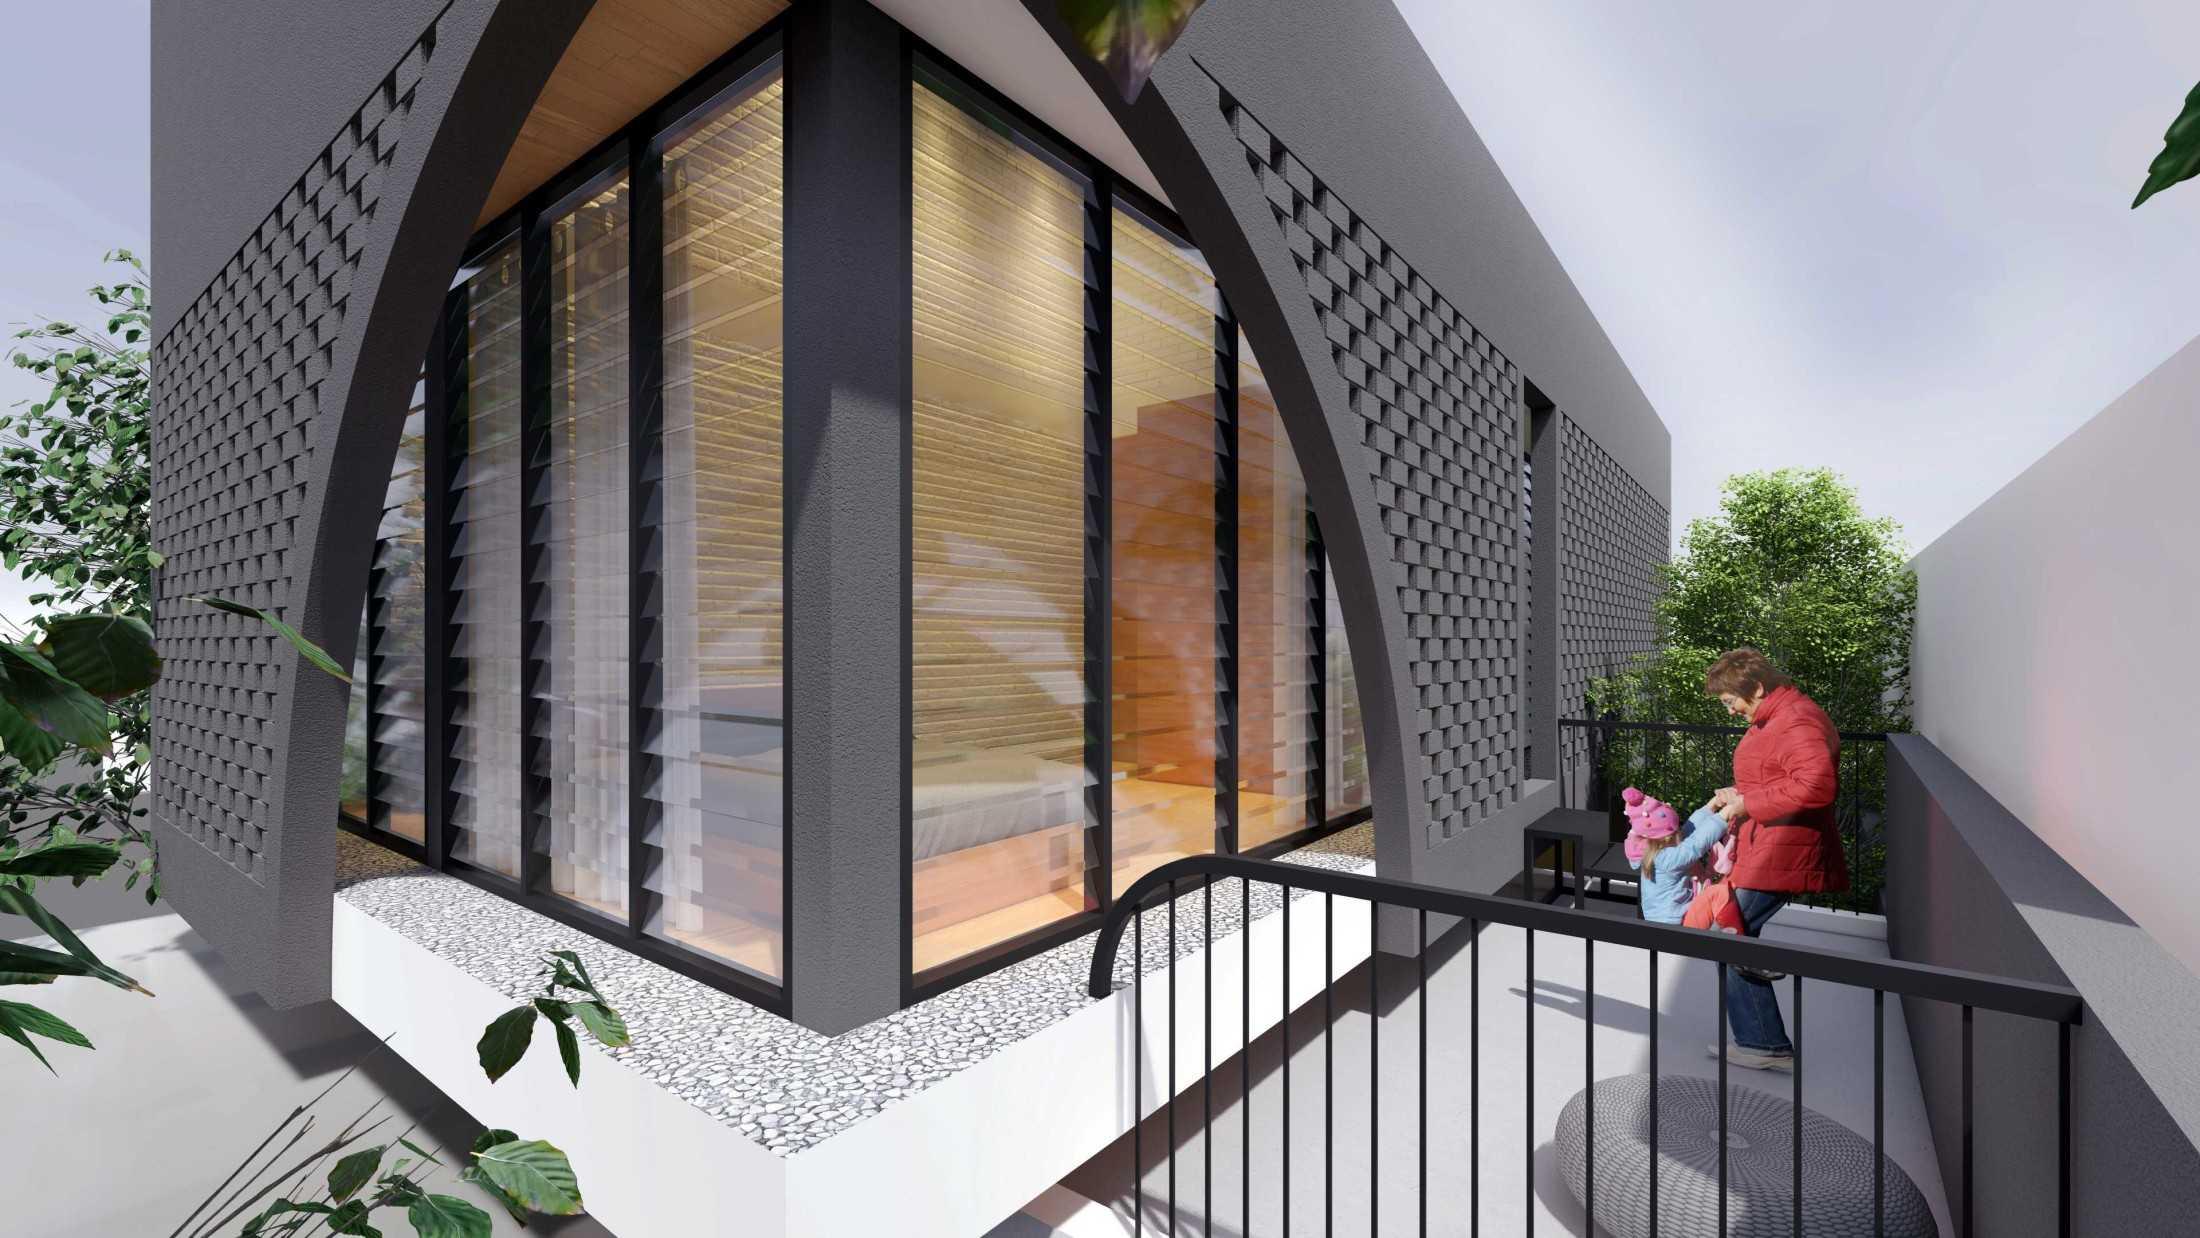 Mahastudio & Partner Elora House Bekasi Bekasi, Kota Bks, Jawa Barat, Indonesia Bekasi, Kota Bks, Jawa Barat, Indonesia Mahastudio-Partner-Elora-House-Bekasi  86149